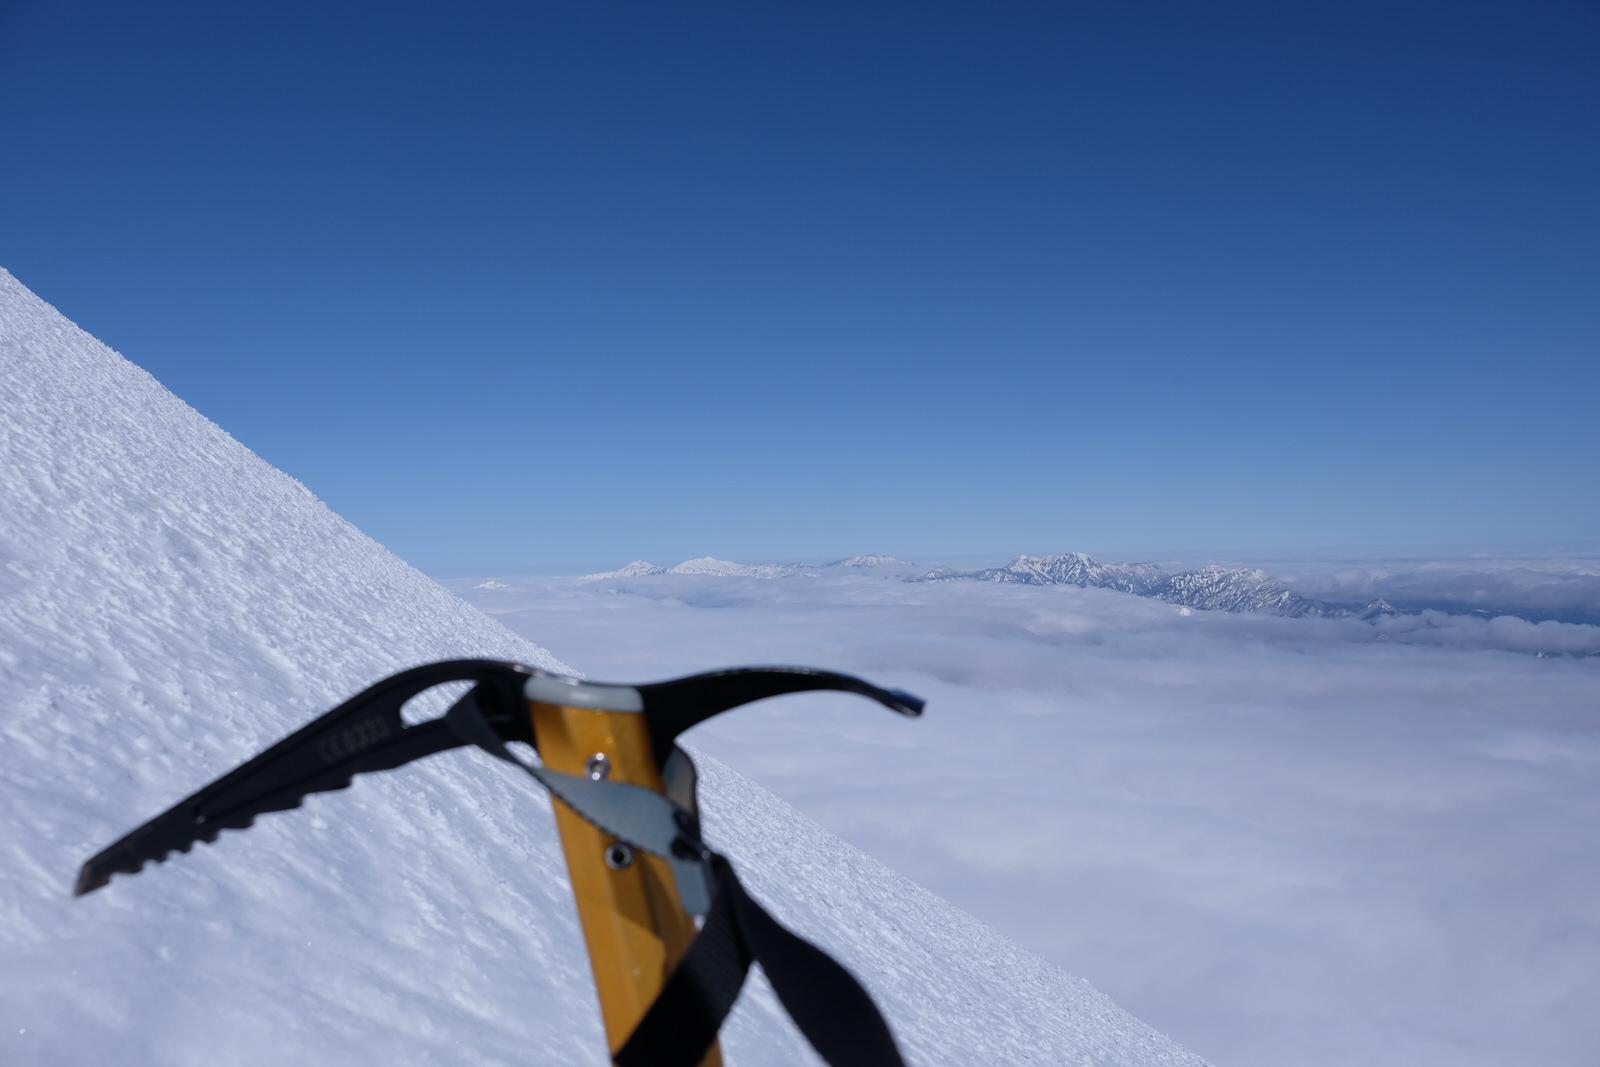 【雪山登山】ピッケルの選び方と、おすすめピッケルの紹介